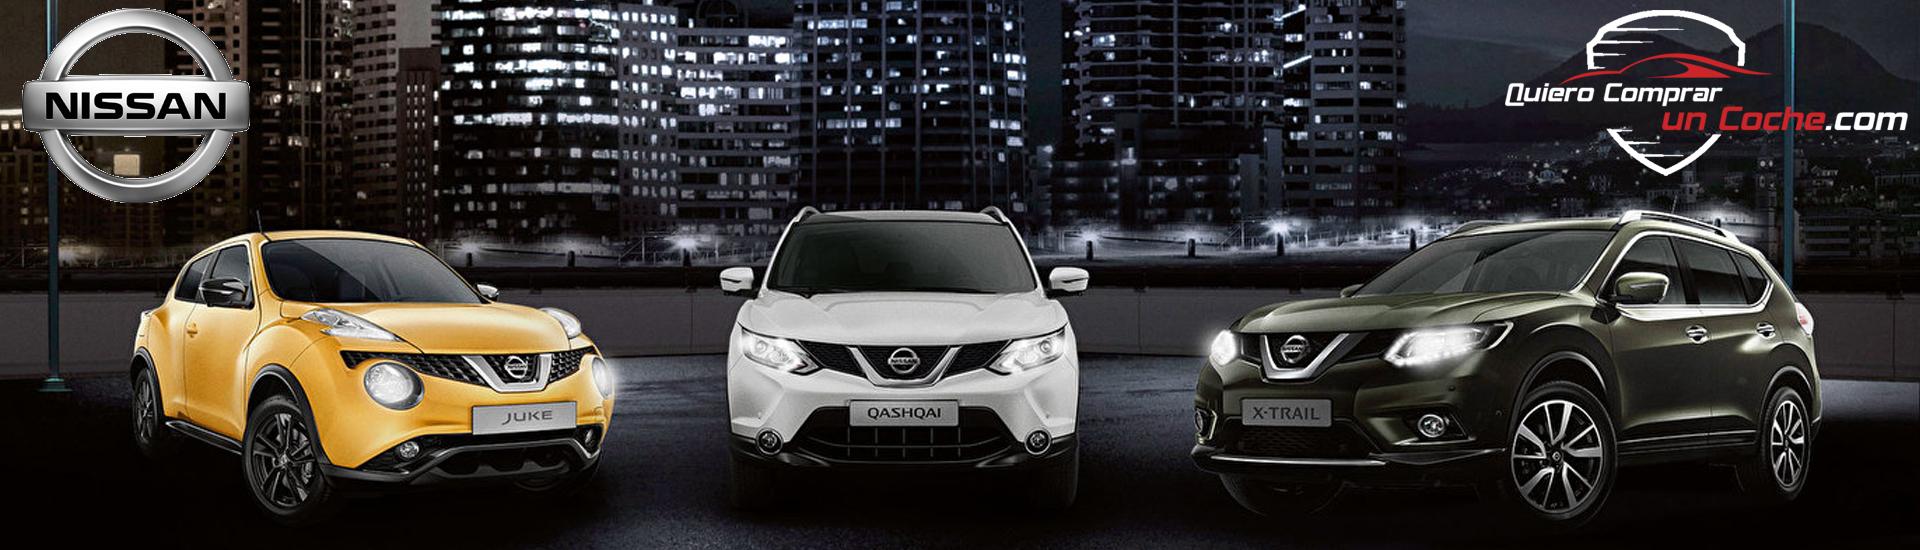 Nissan Madrid Quiero Comprar un Coche Nuevo Km0 Seminuevo Ajalvir Torrejon